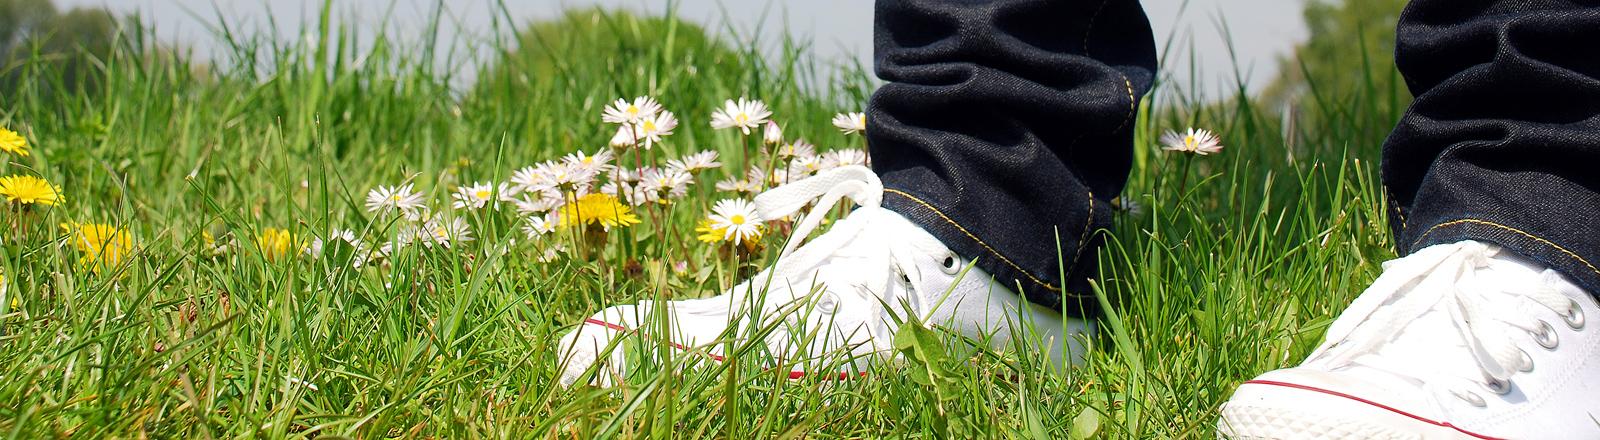 Mann steht mit weißen Sneakers auf grüner Blumenwiese.